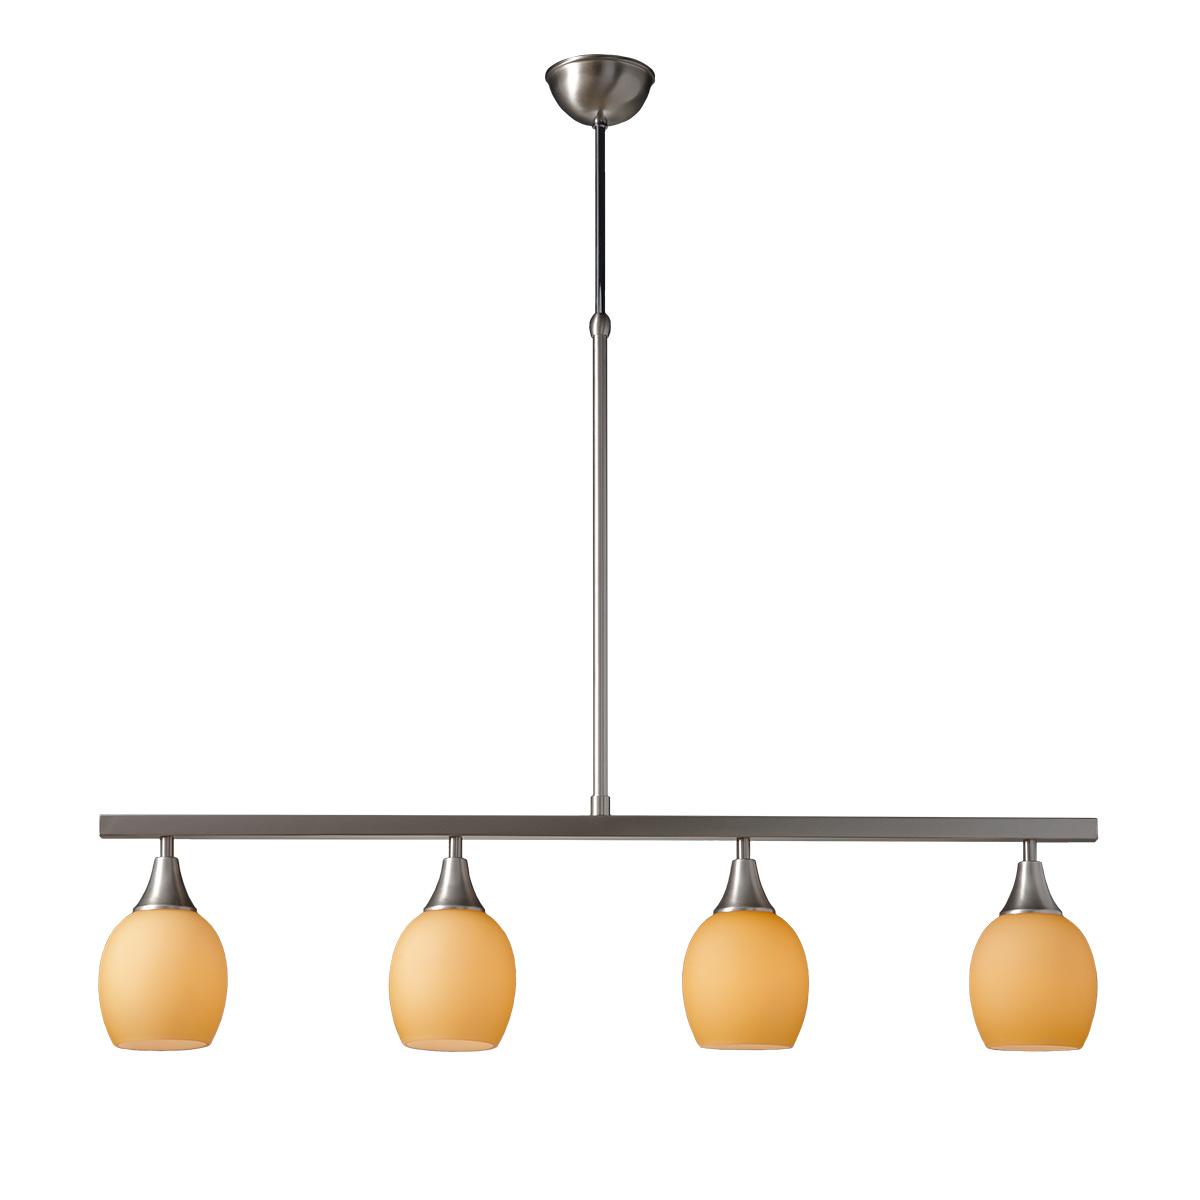 Φωτιστικό κρεμαστό ΓΡΑΜΜΕΣ suspension lamp